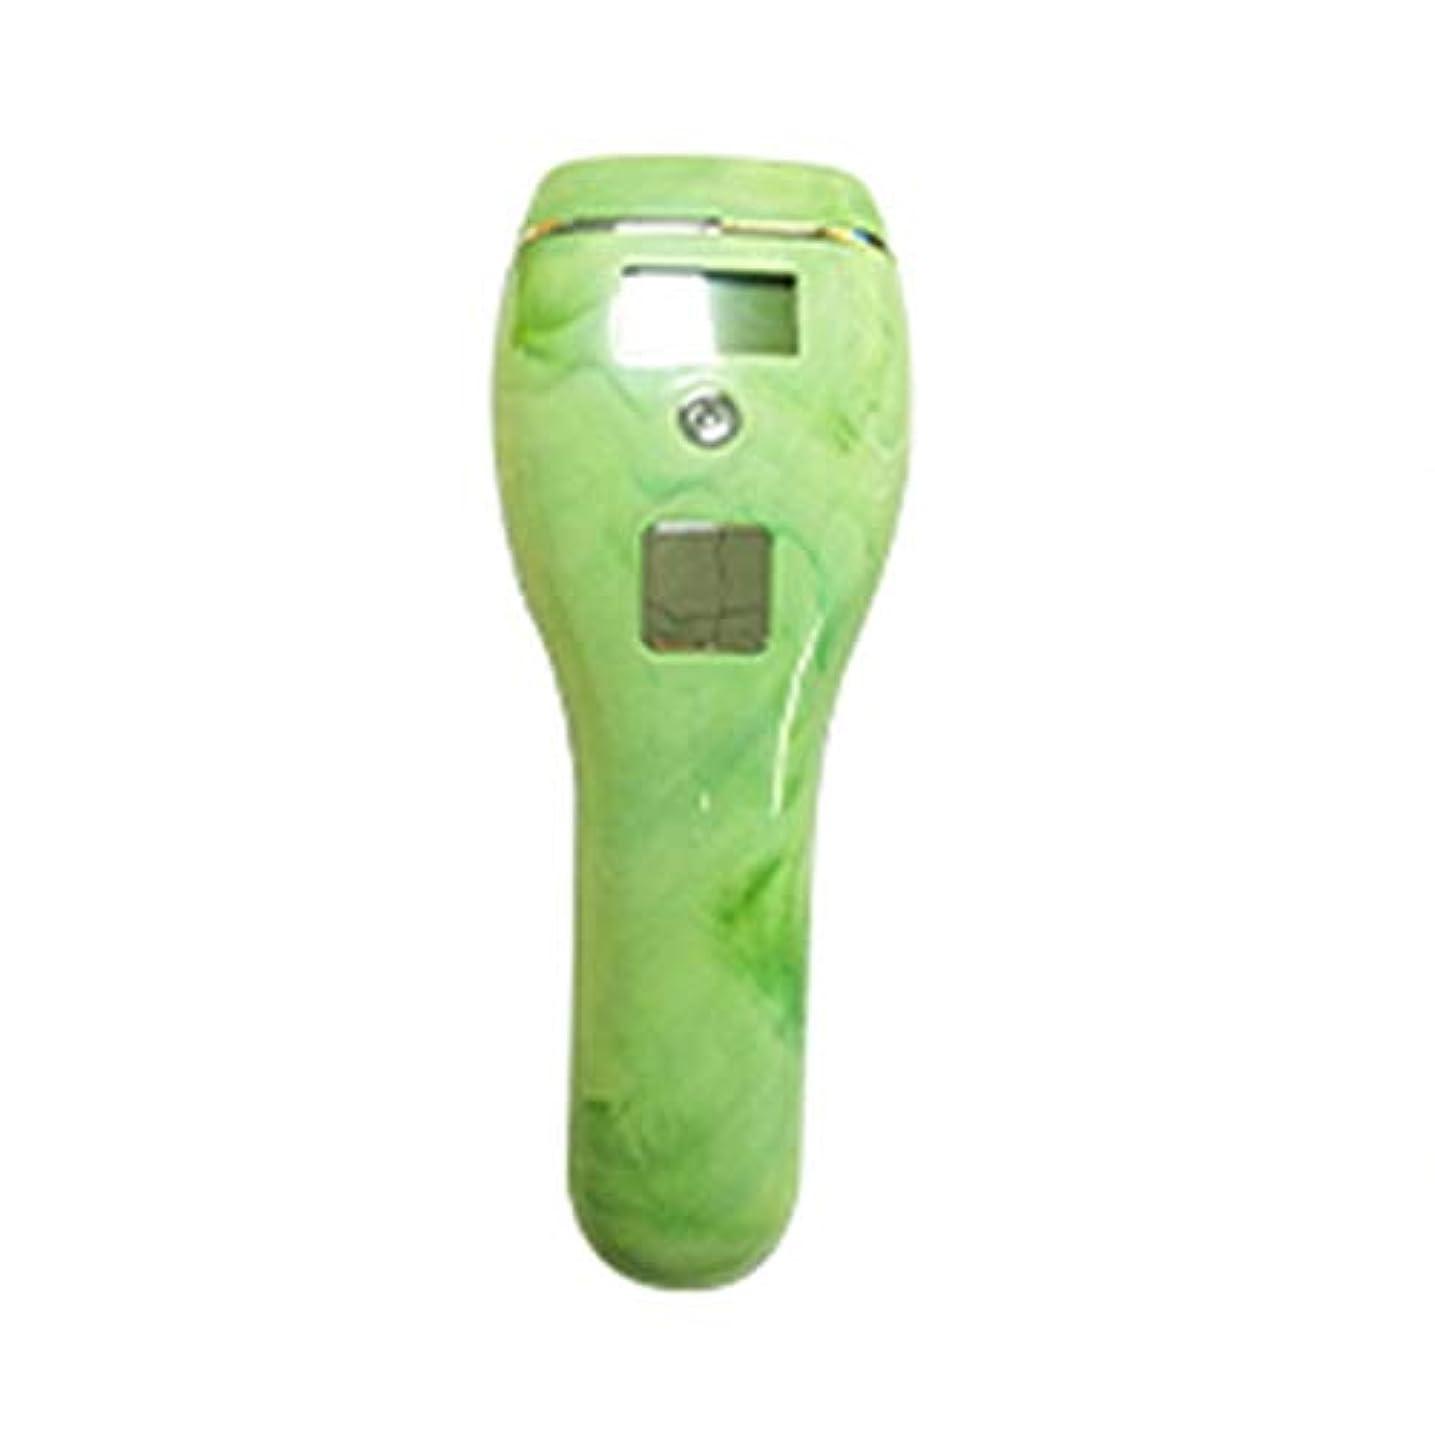 殺人管理者バンジョーNuanxin 自動肌のカラーセンシング、グリーン、5速調整、クォーツチューブ、携帯用痛みのない全身凍結乾燥用除湿器、サイズ19x7x5cm F30 (Color : Green)